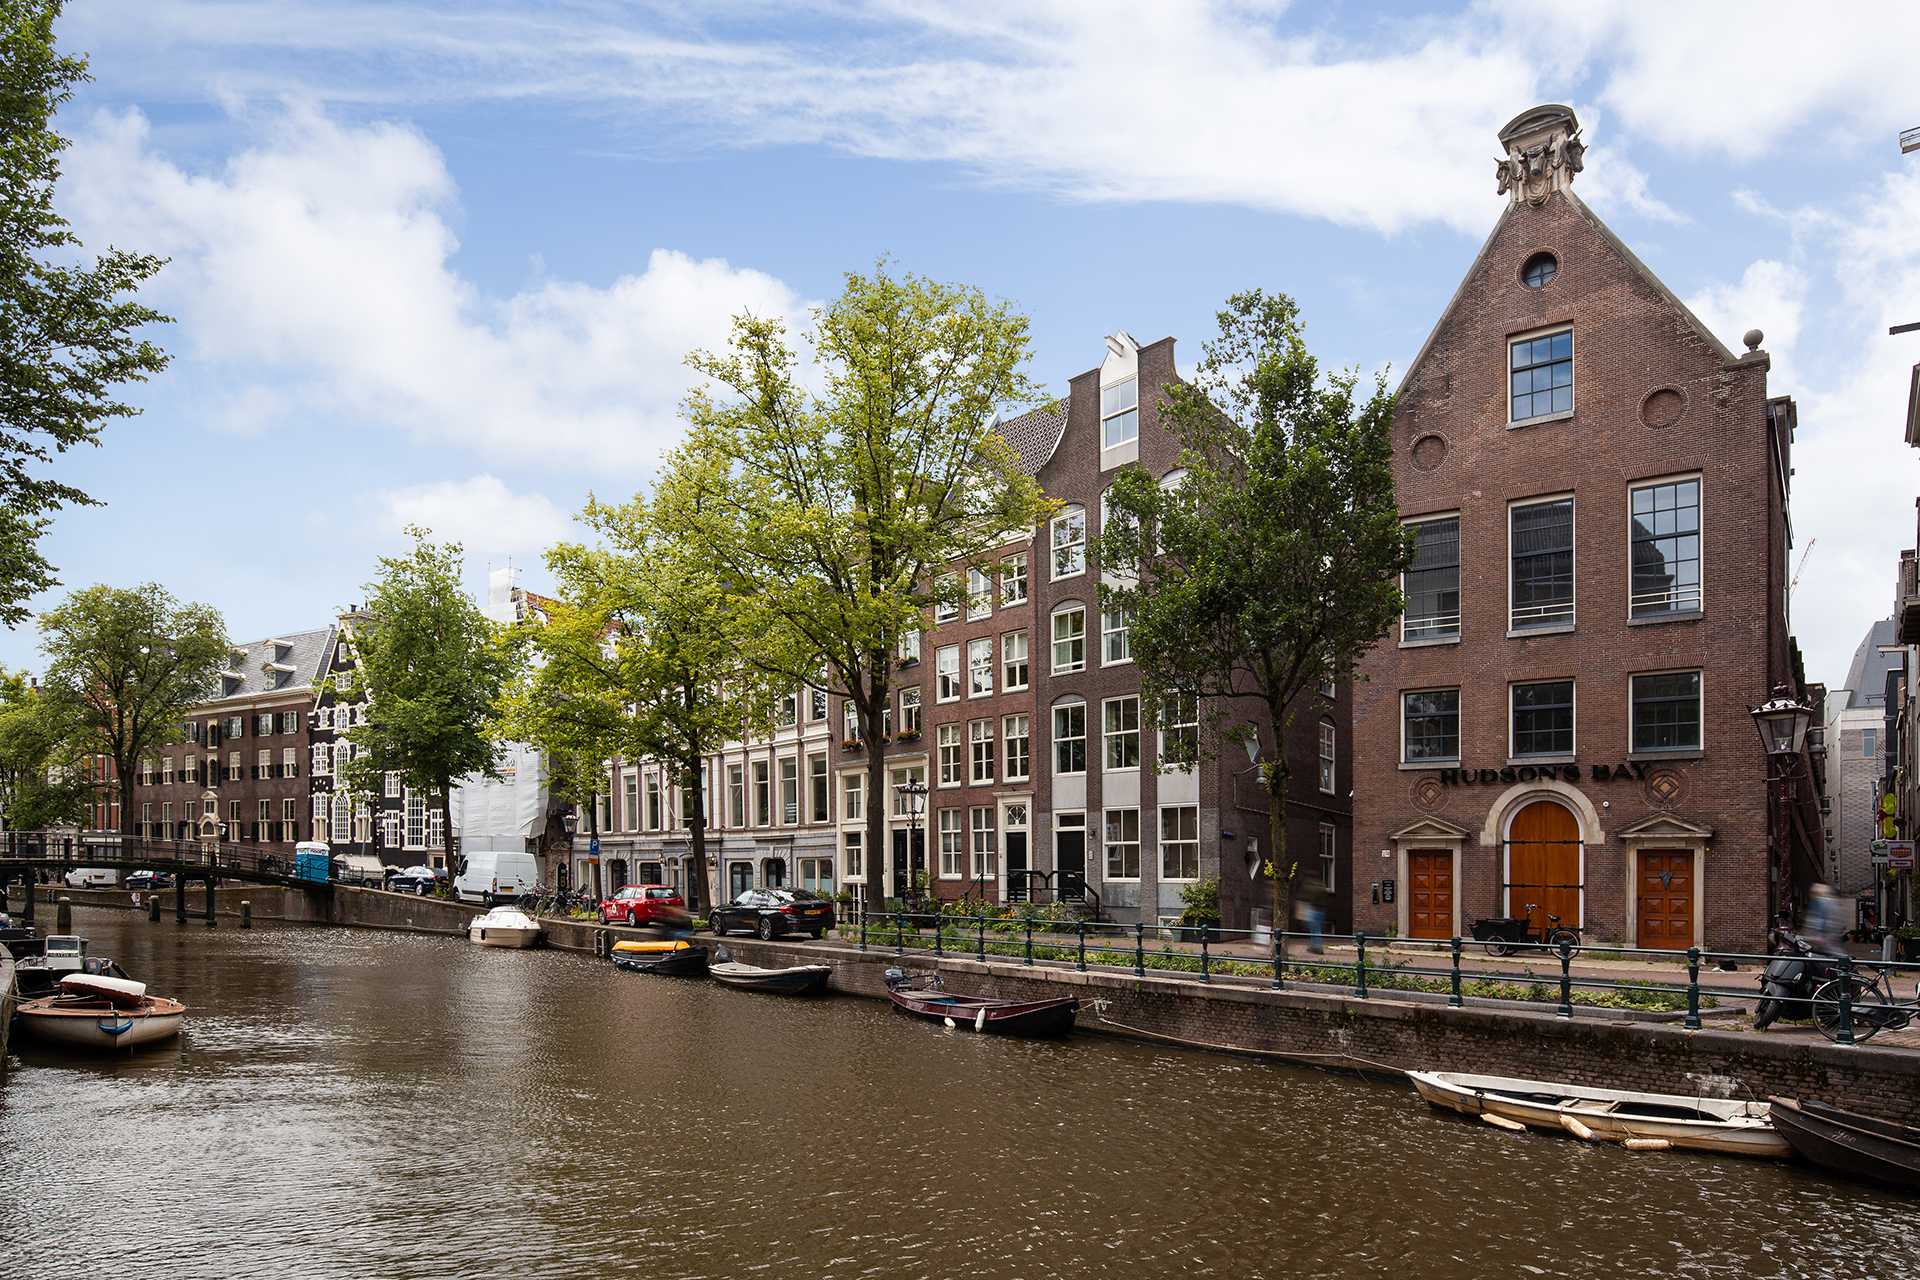 De Vleeshal in Amsterdam front view